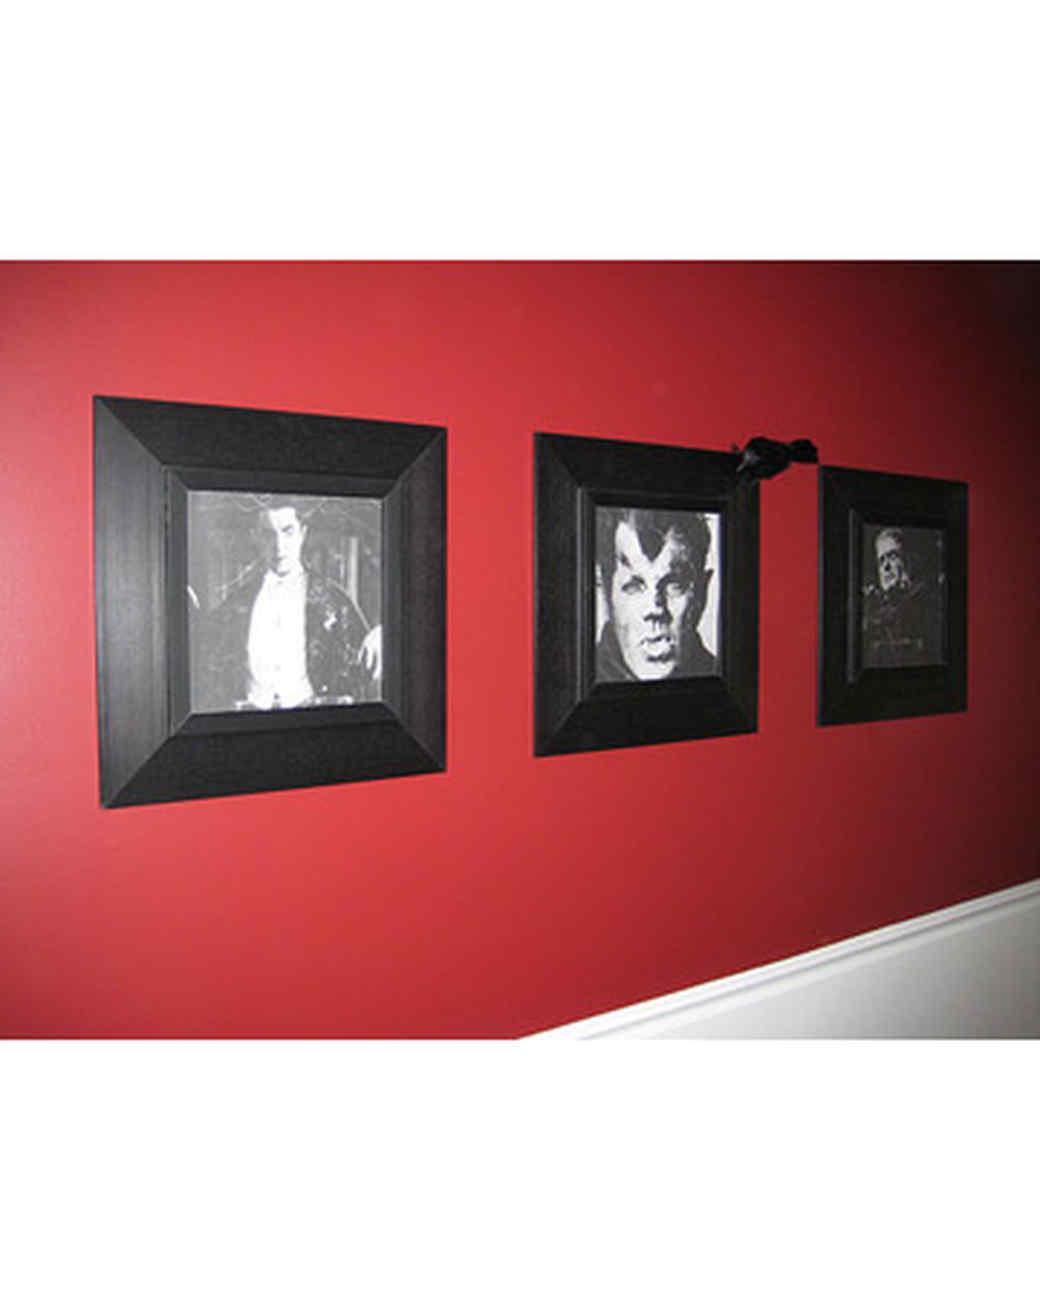 halloween_ugc09_monster_frames.jpg